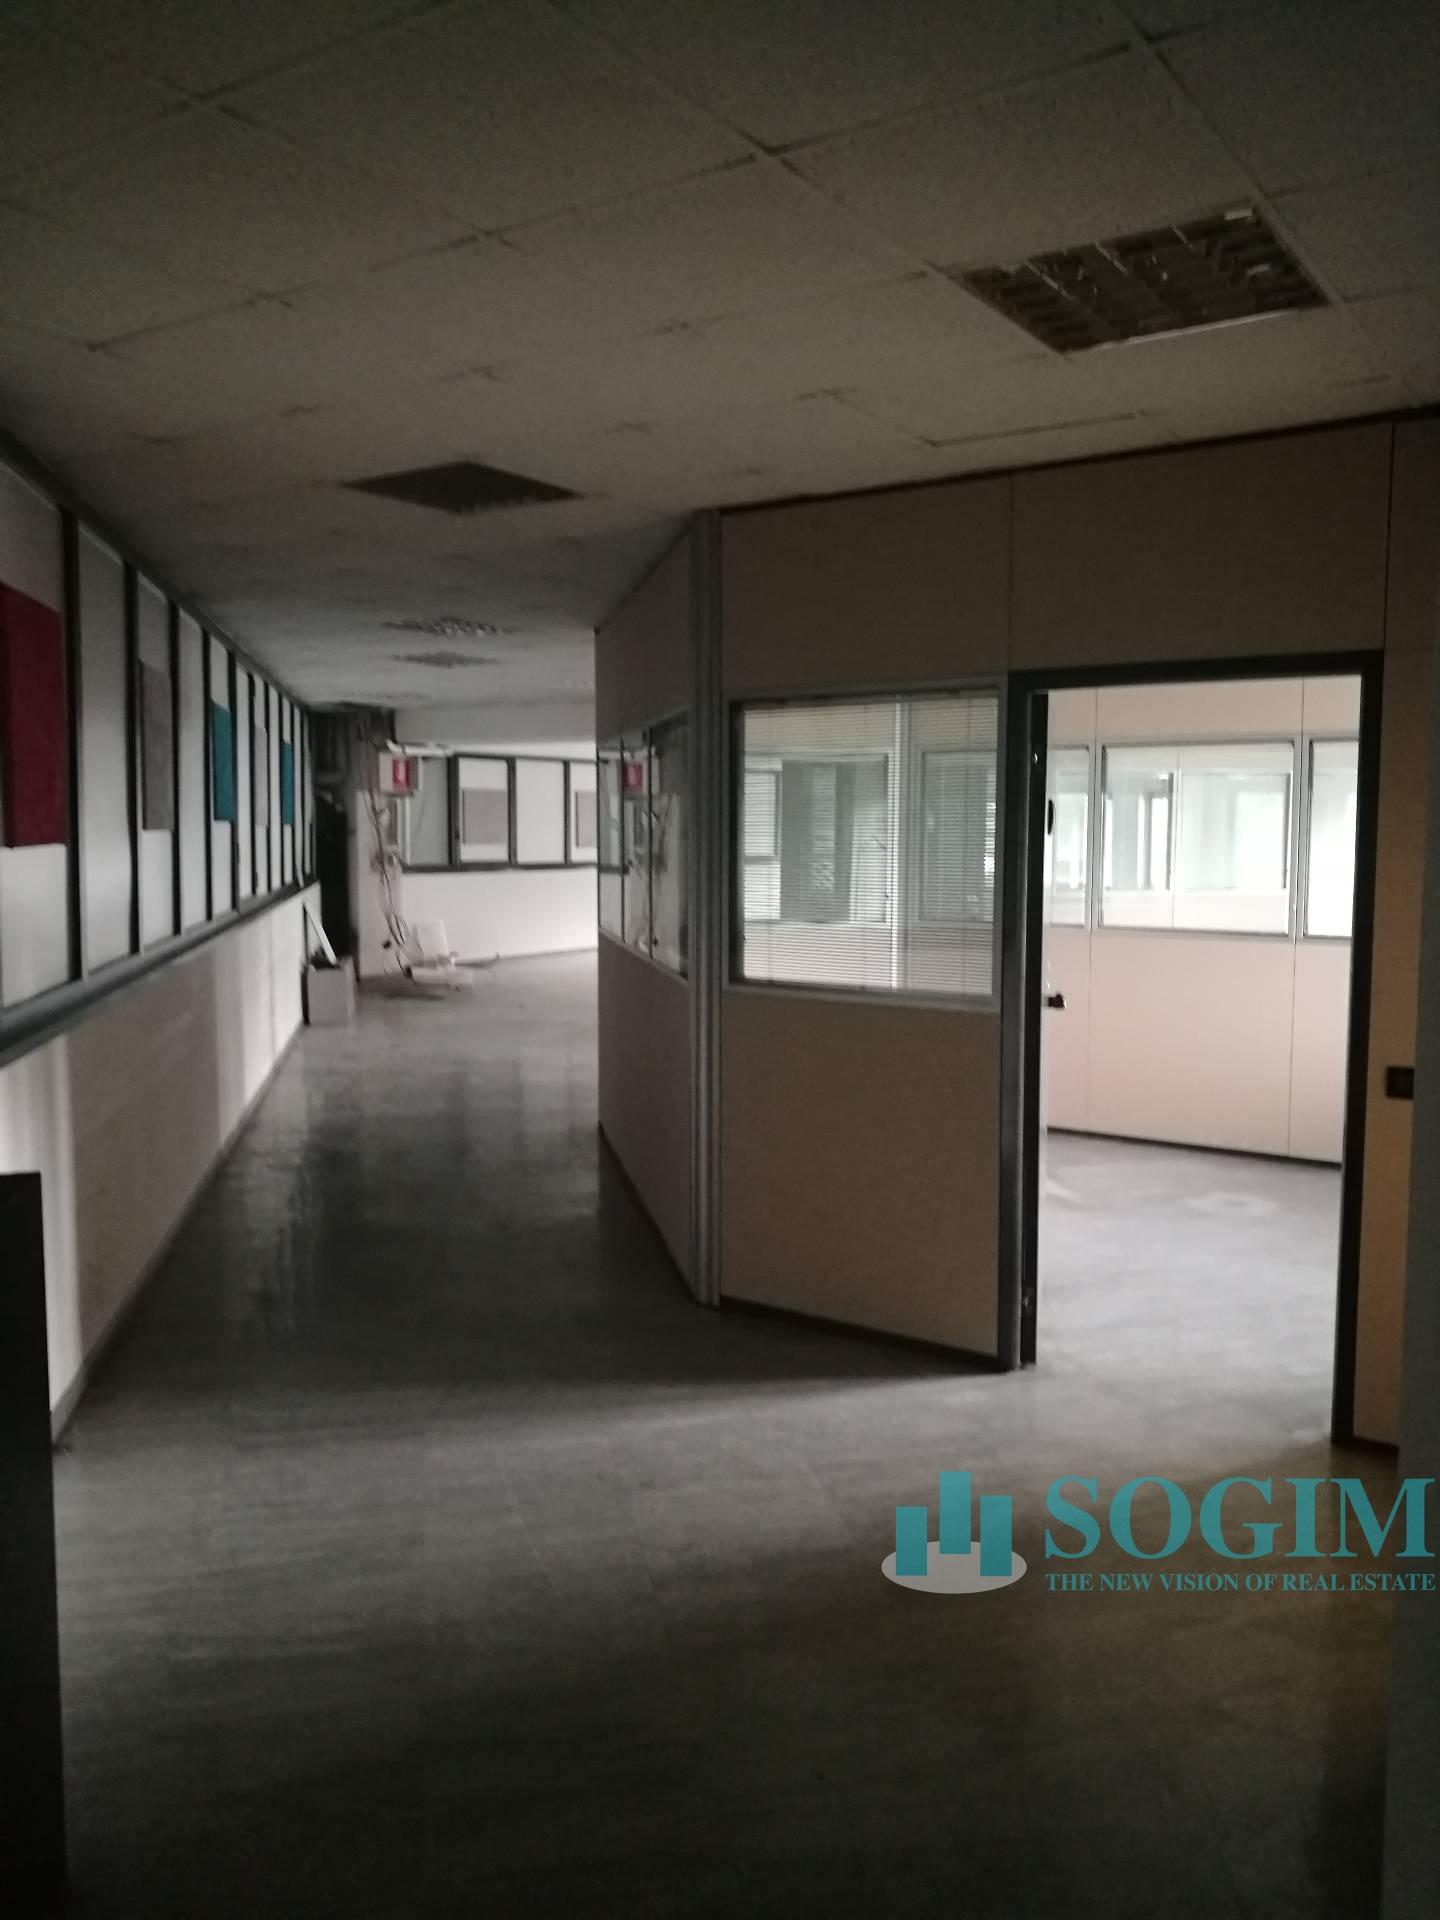 Ufficio in Affitto a Cinisello Balsamo  rif. 9011